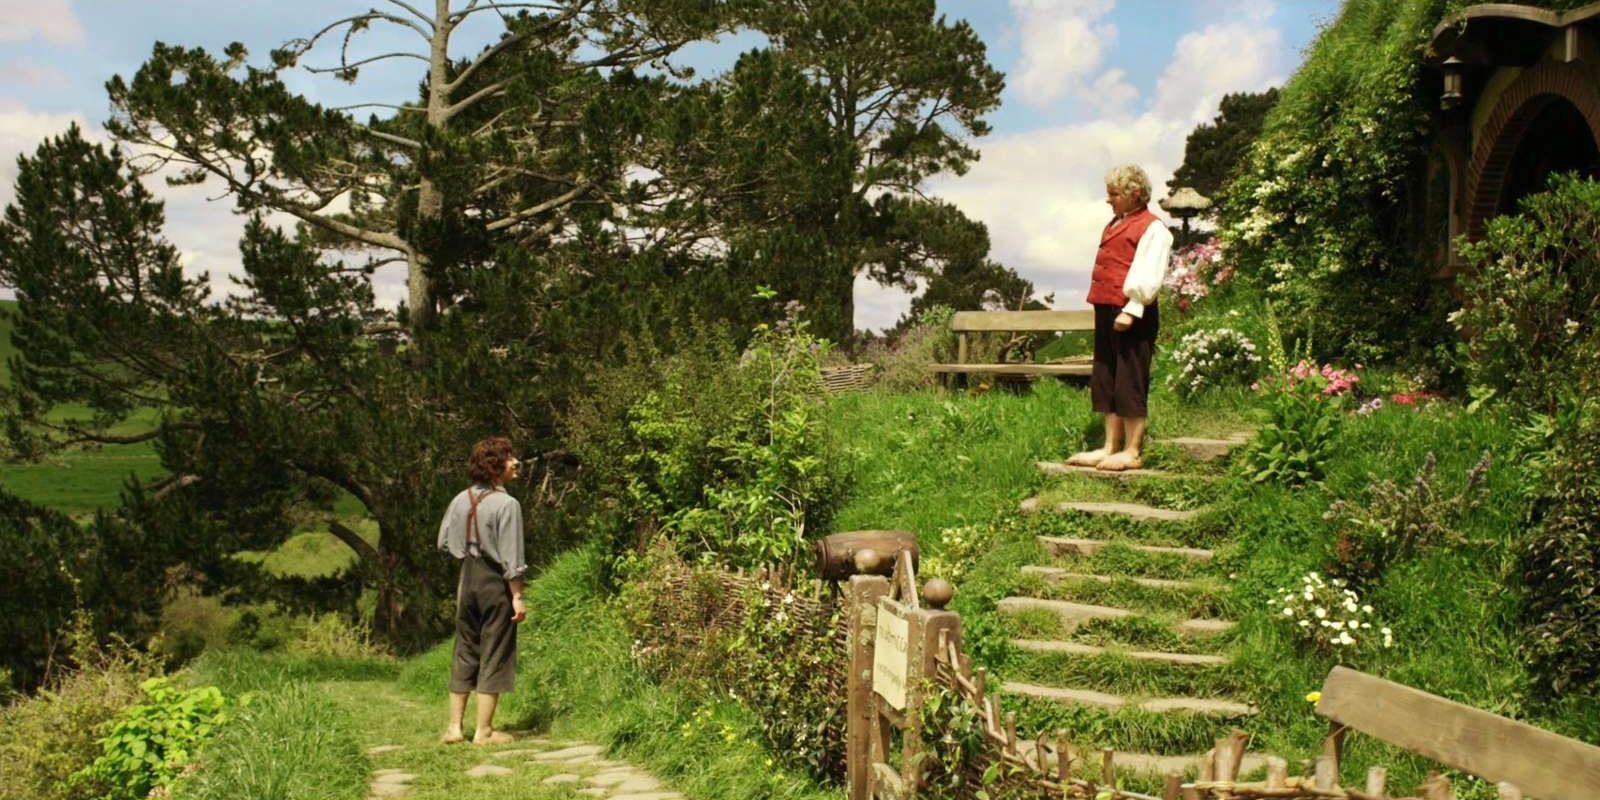 O que aconteceu entre O Hobbit e O Senhor dos Anéis 6